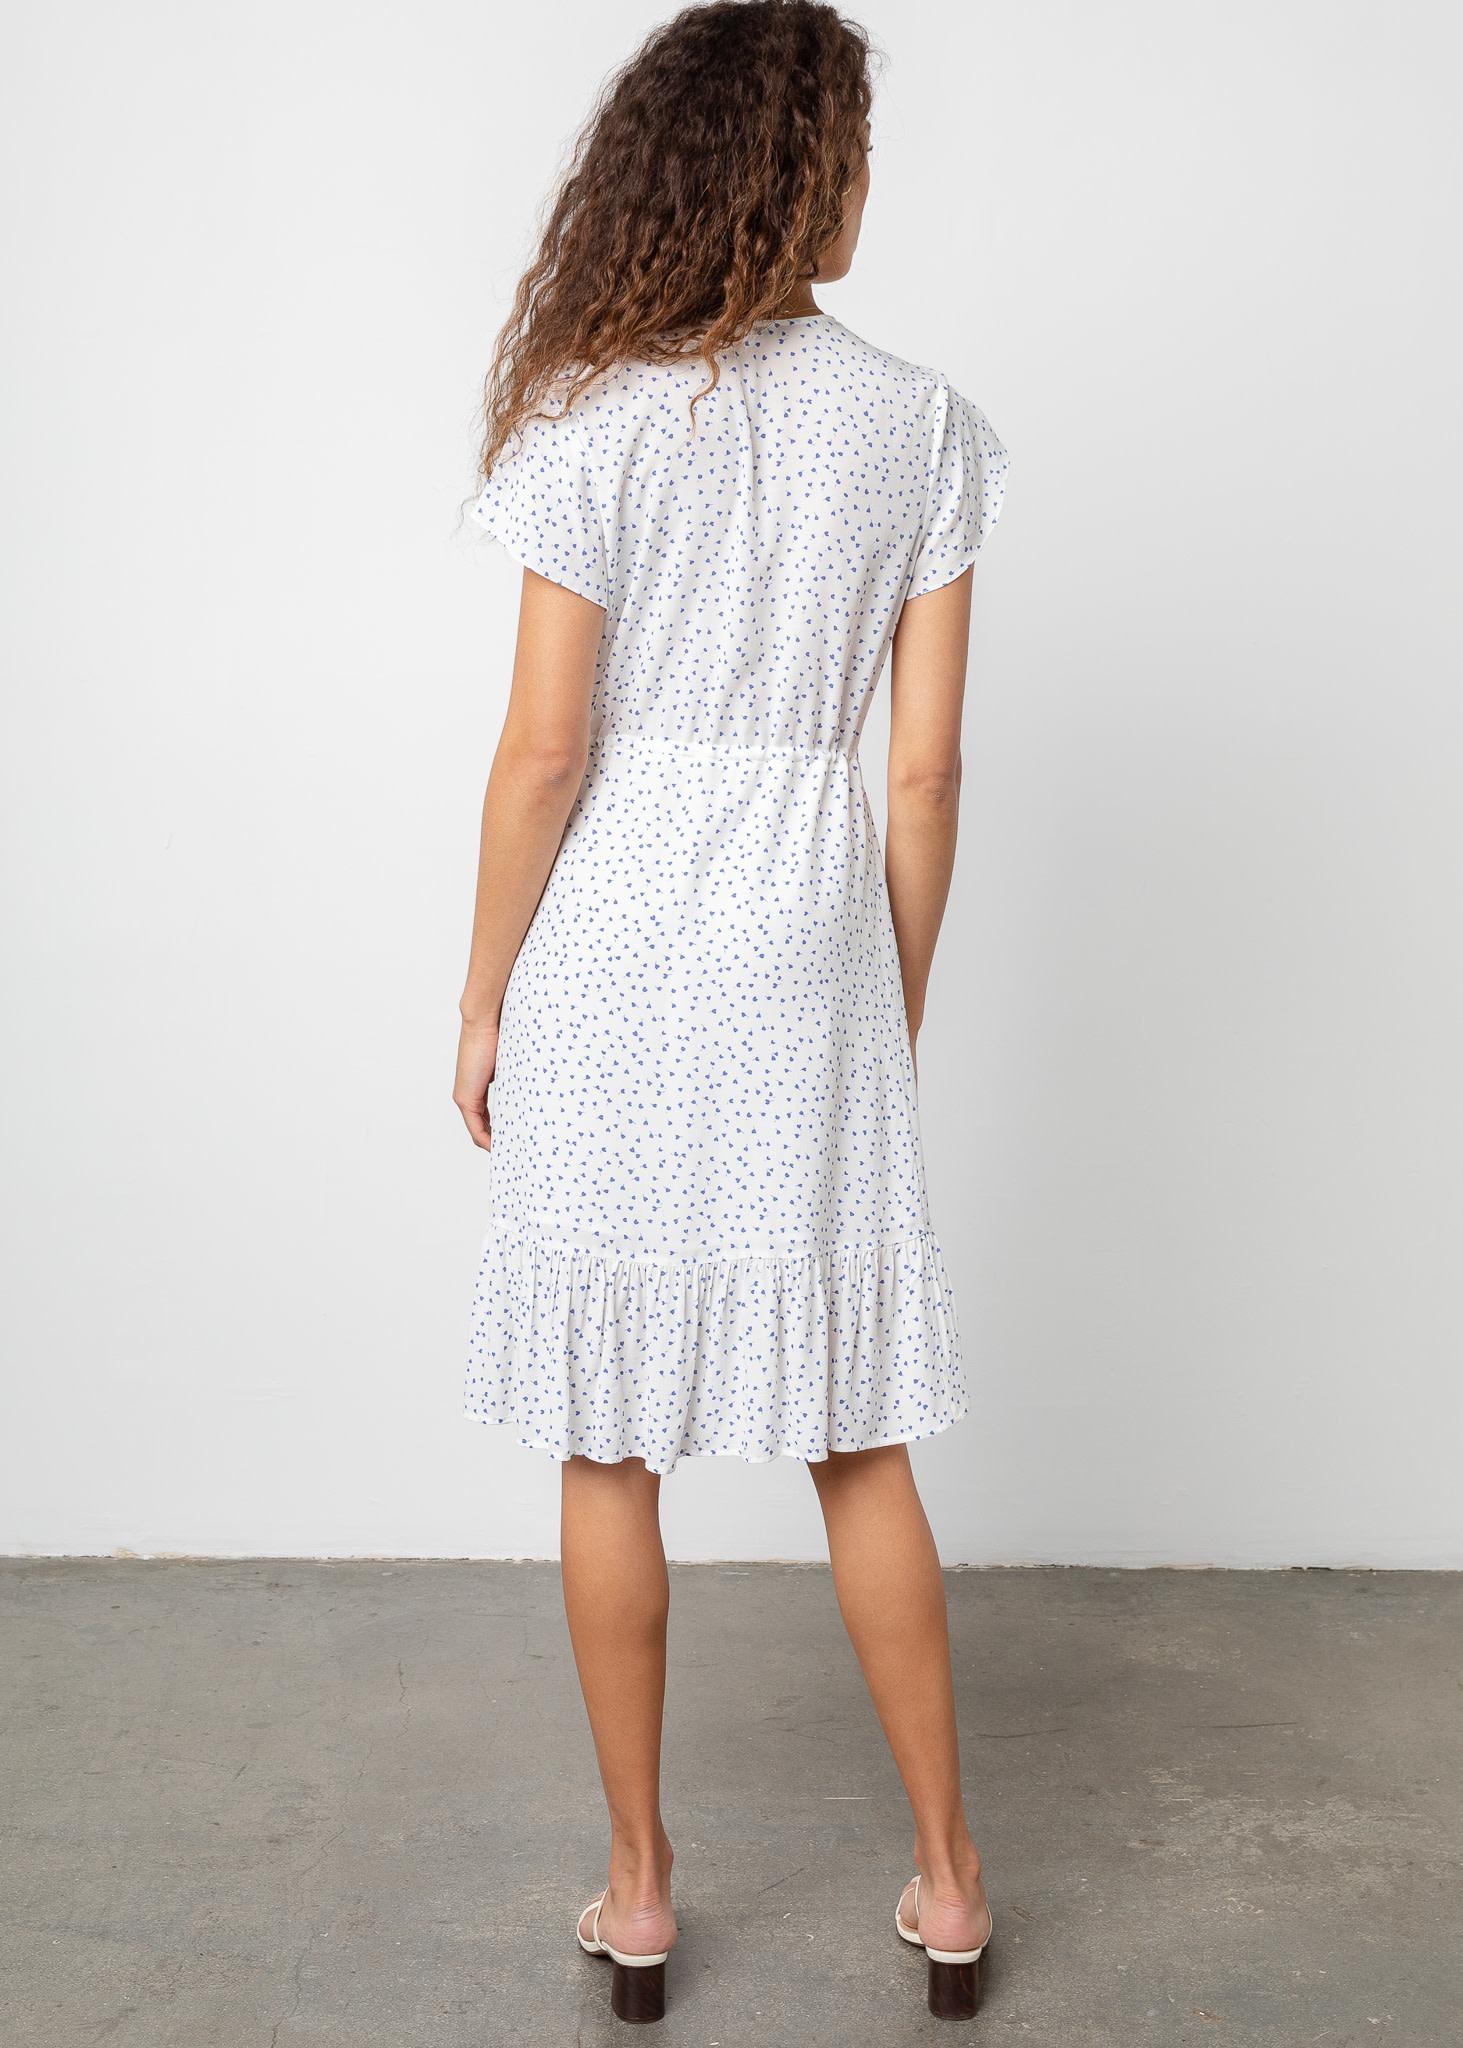 RAILS Kiki dress